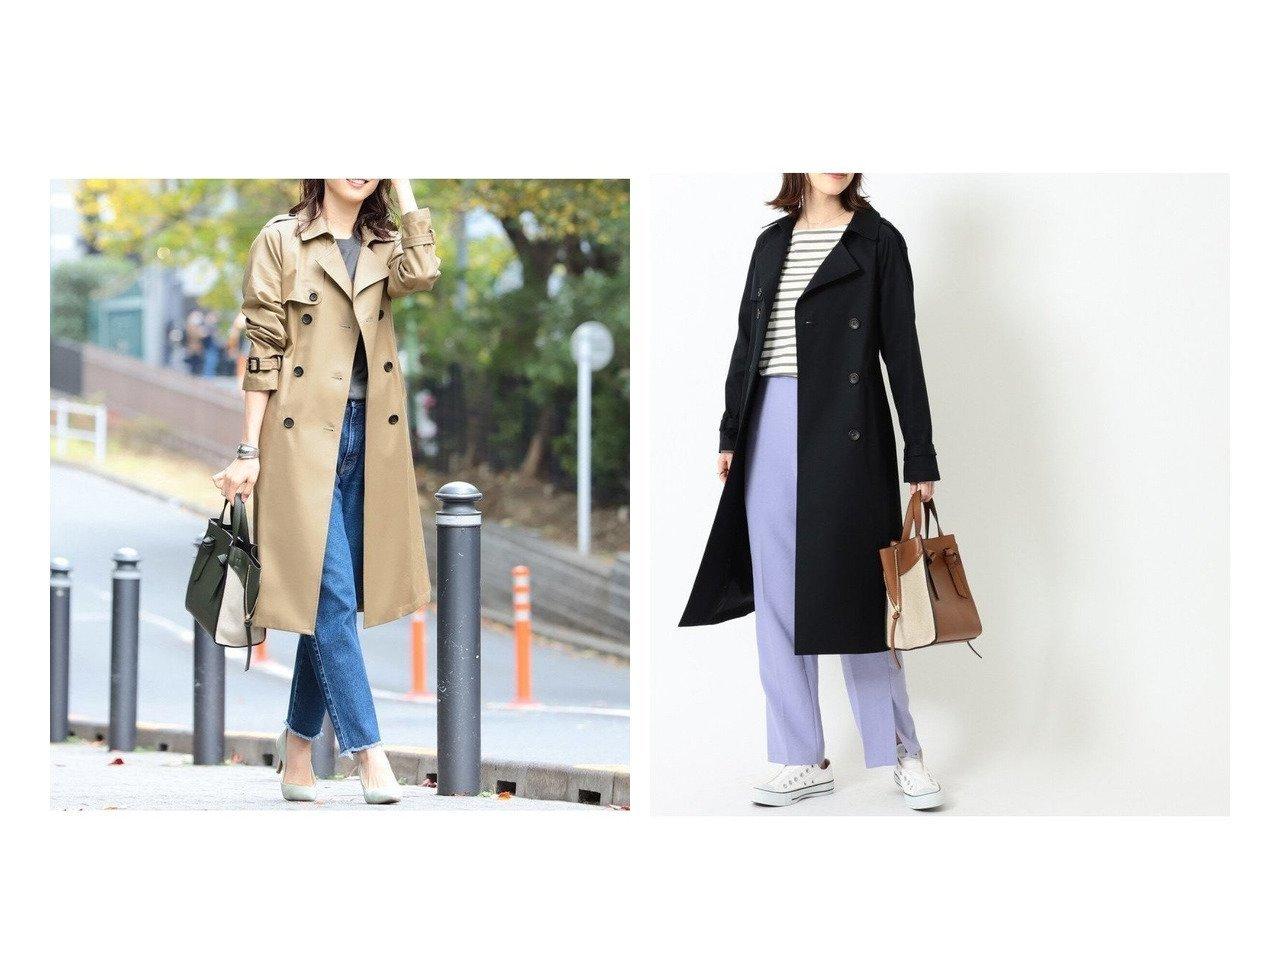 【B:MING by BEAMS/ビーミング by ビームス】のトレンチコート21SS-P BEAMSのおすすめ!人気、トレンド・レディースファッションの通販 おすすめで人気の流行・トレンド、ファッションの通販商品 メンズファッション・キッズファッション・インテリア・家具・レディースファッション・服の通販 founy(ファニー) https://founy.com/ ファッション Fashion レディースファッション WOMEN アウター Coat Outerwear コート Coats ジャケット Jackets トレンチコート Trench Coats 2021年 2021 2021 春夏 S/S SS Spring/Summer 2021 S/S 春夏 SS Spring/Summer クラシカル シルク ジャケット トレンド ベーシック |ID:crp329100000017074